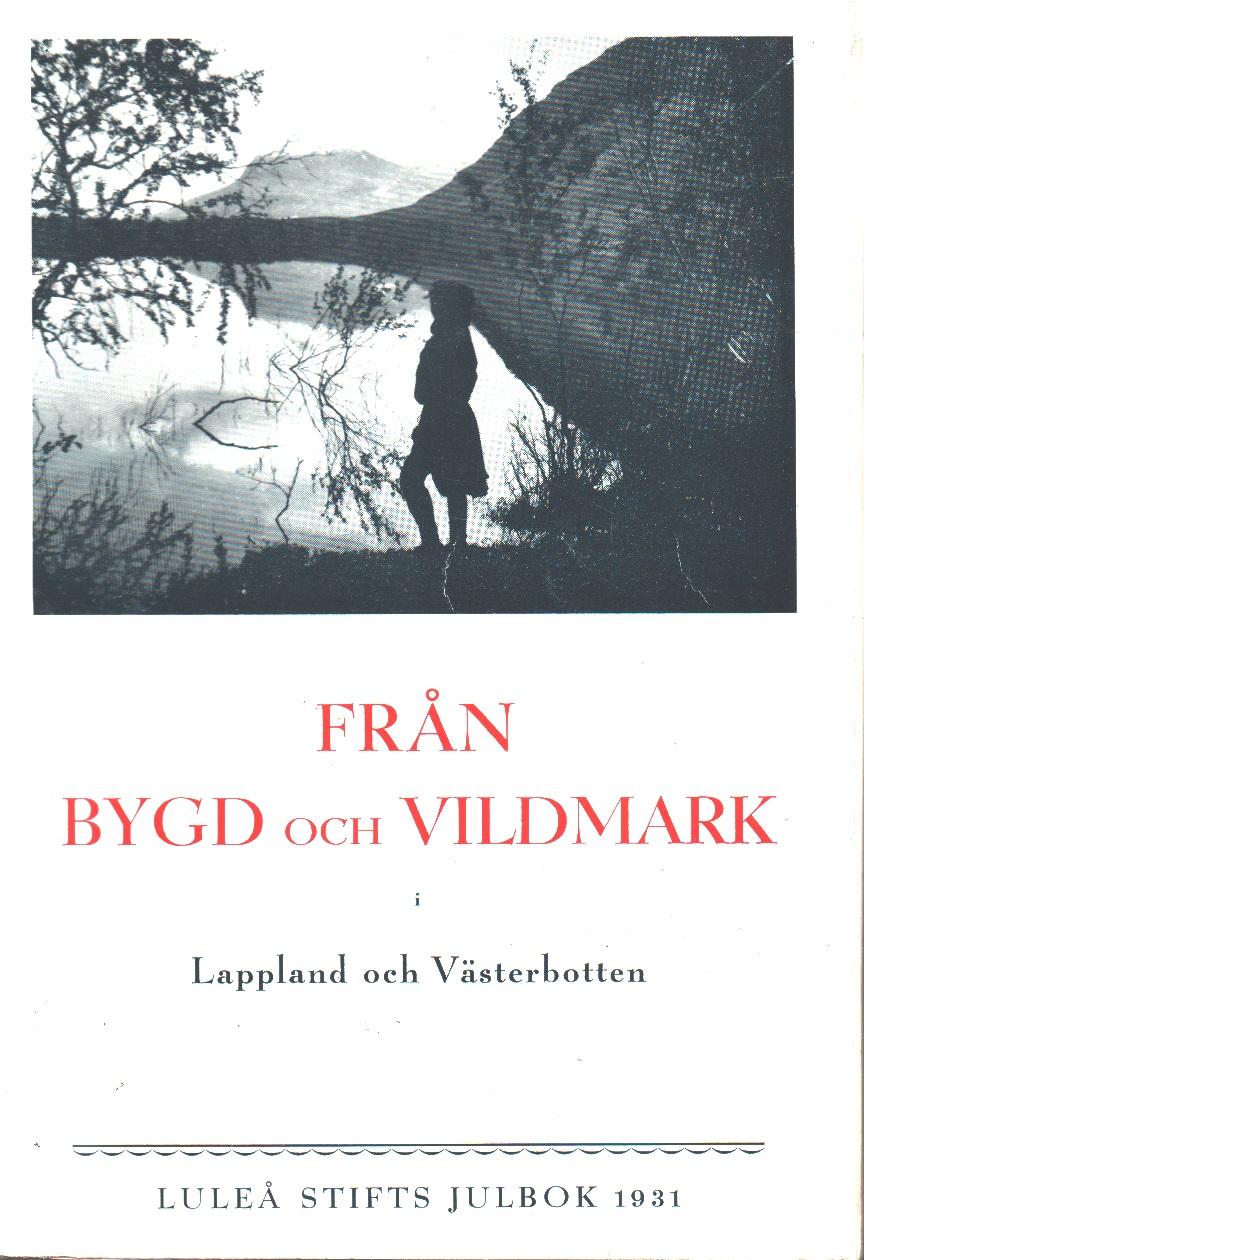 Från bygd och vildmark i Lappland och Västerbotten : Luleå stifts julbok 1931 - , Red.